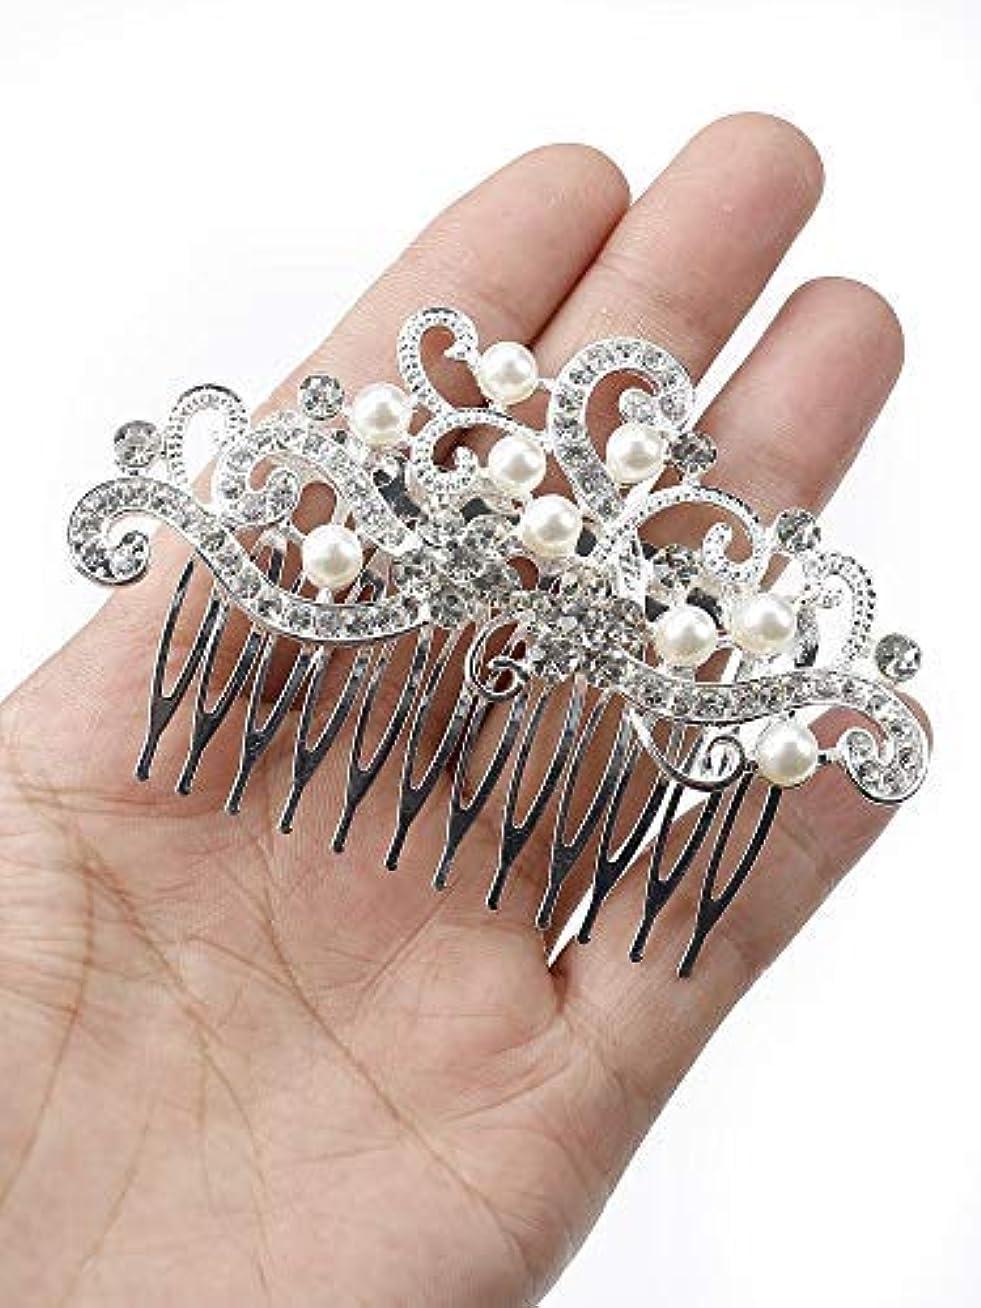 乱暴な仲介者ドラマFXmimior Women Vintage Crystal Hair Comb Headpiece Hair Accessories for Women Wedding Bridal(SILVER) [並行輸入品]